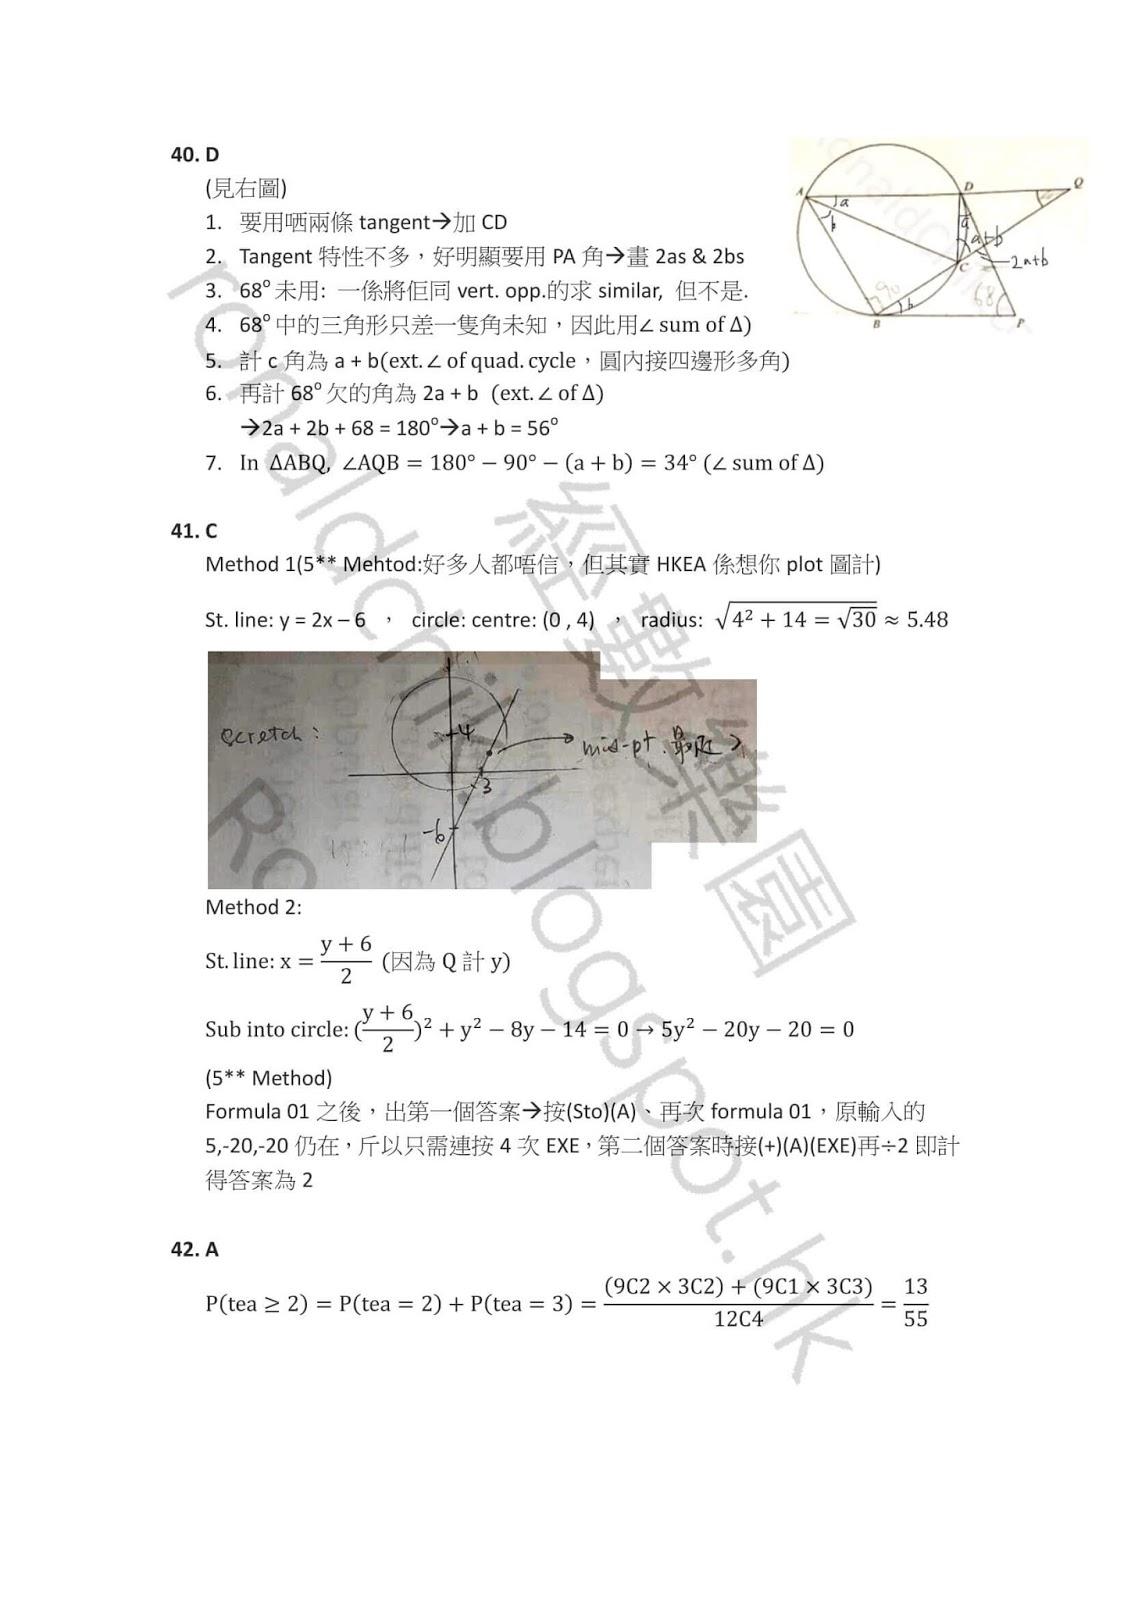 2016 DSE 數學卷二 答案 Q40-42